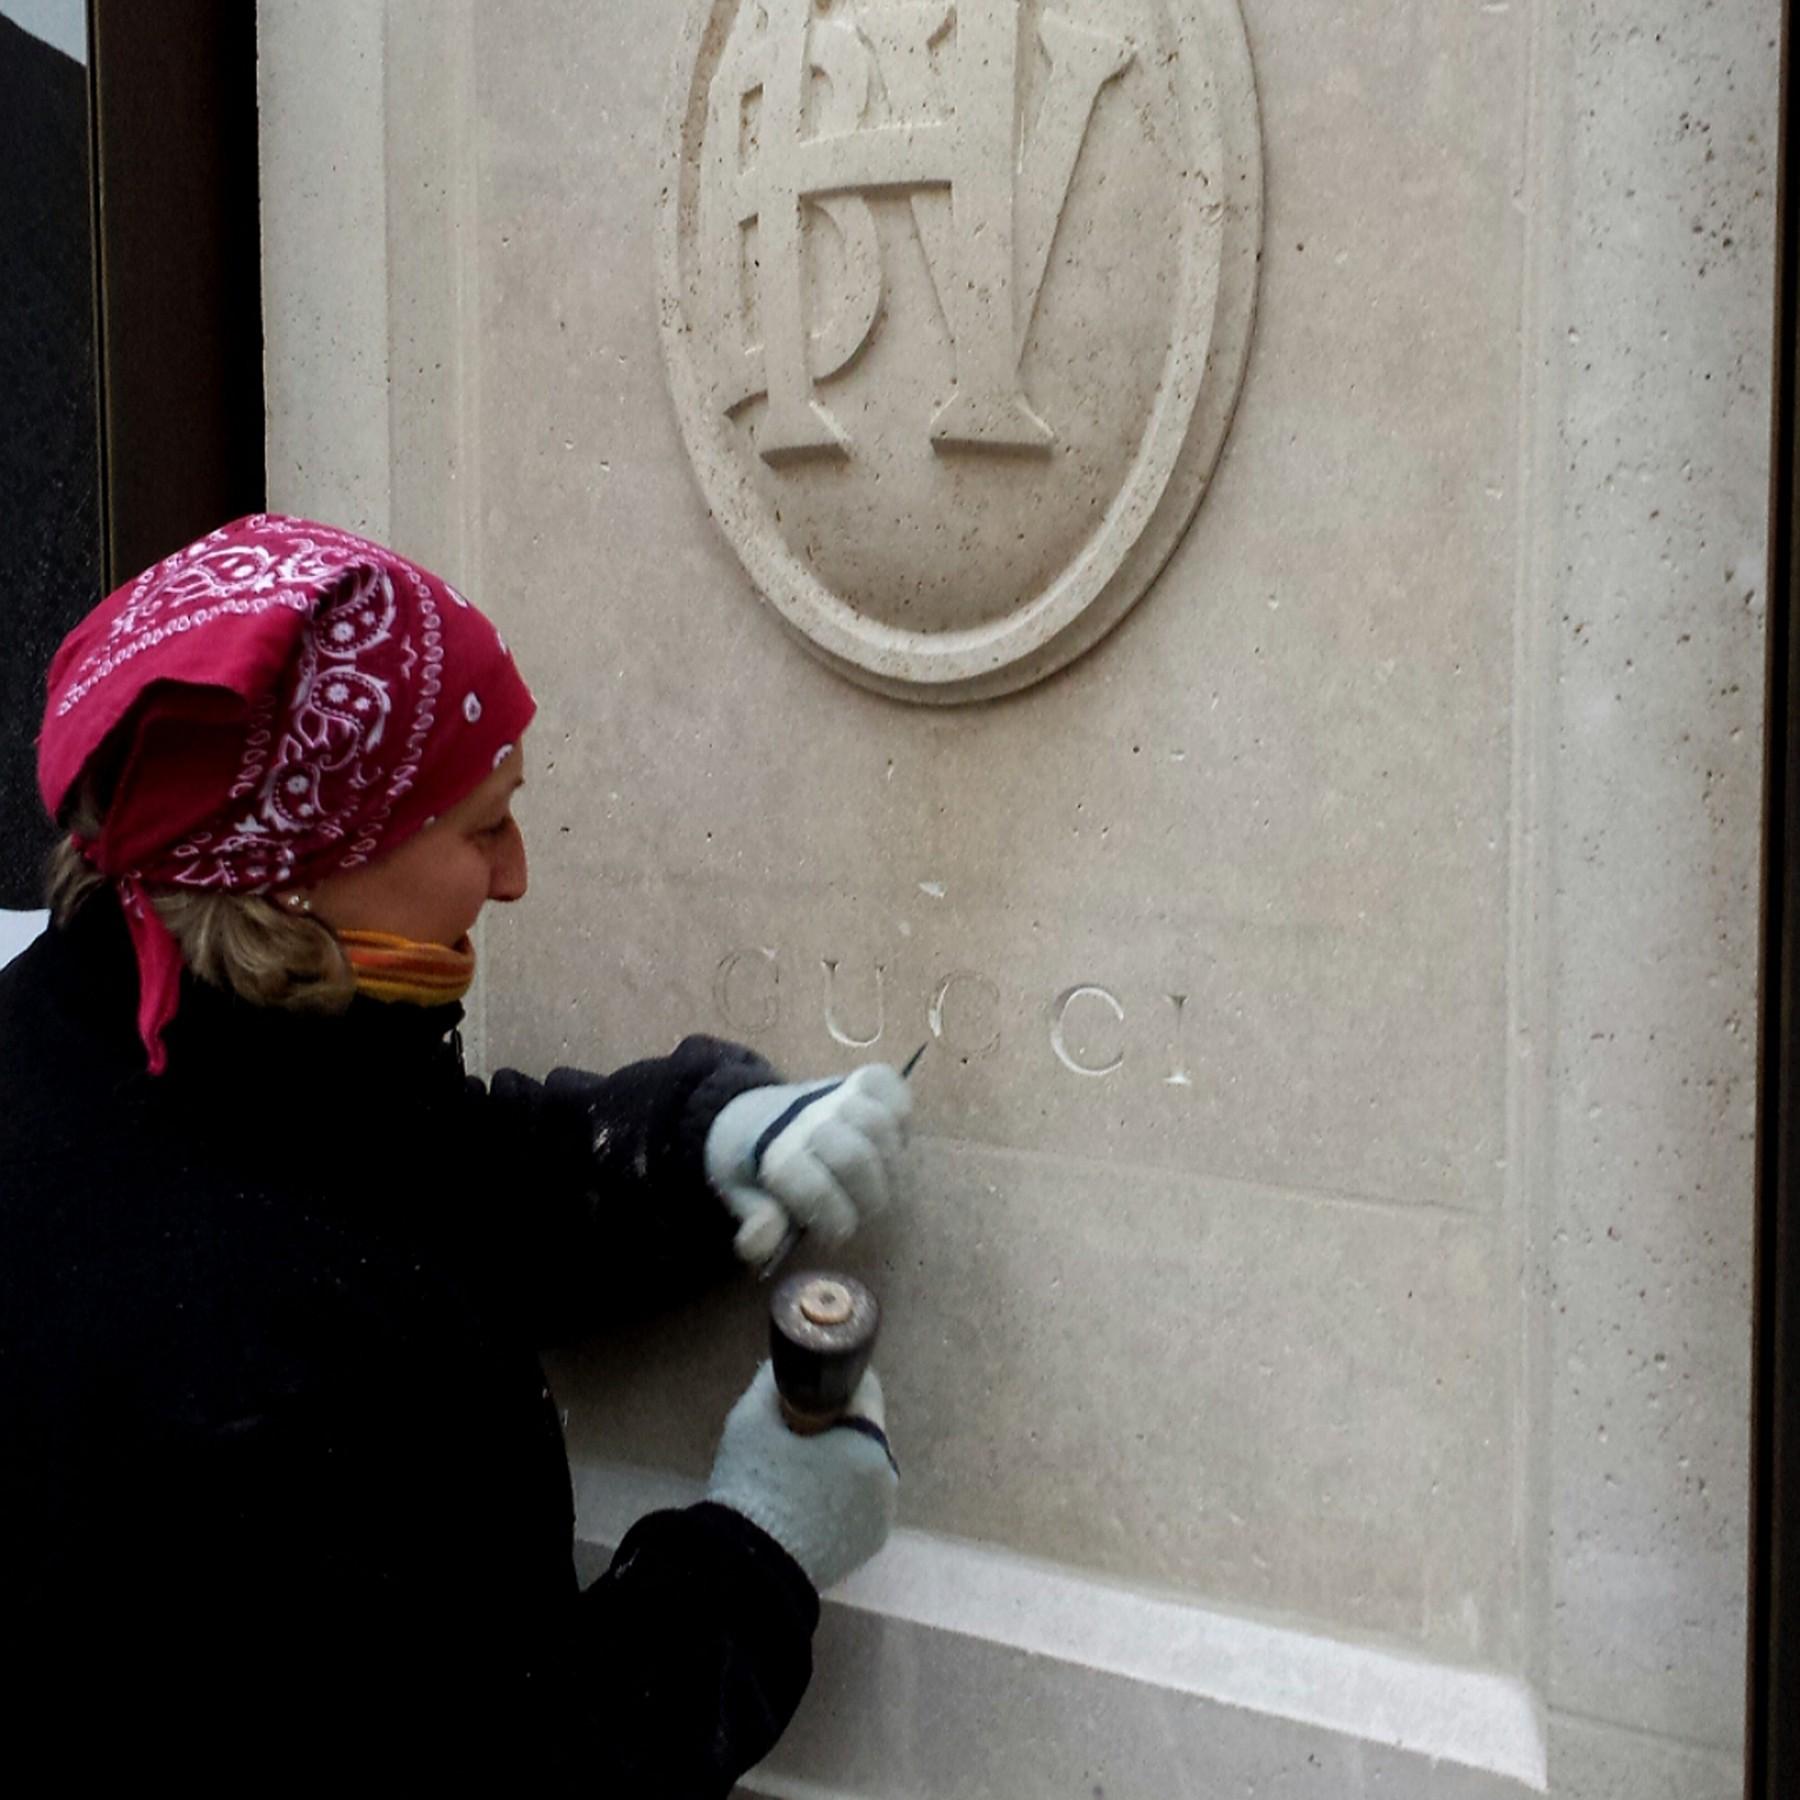 Jamie-fobert-architects- bhv- rue-des-archives-paris- construction- stone